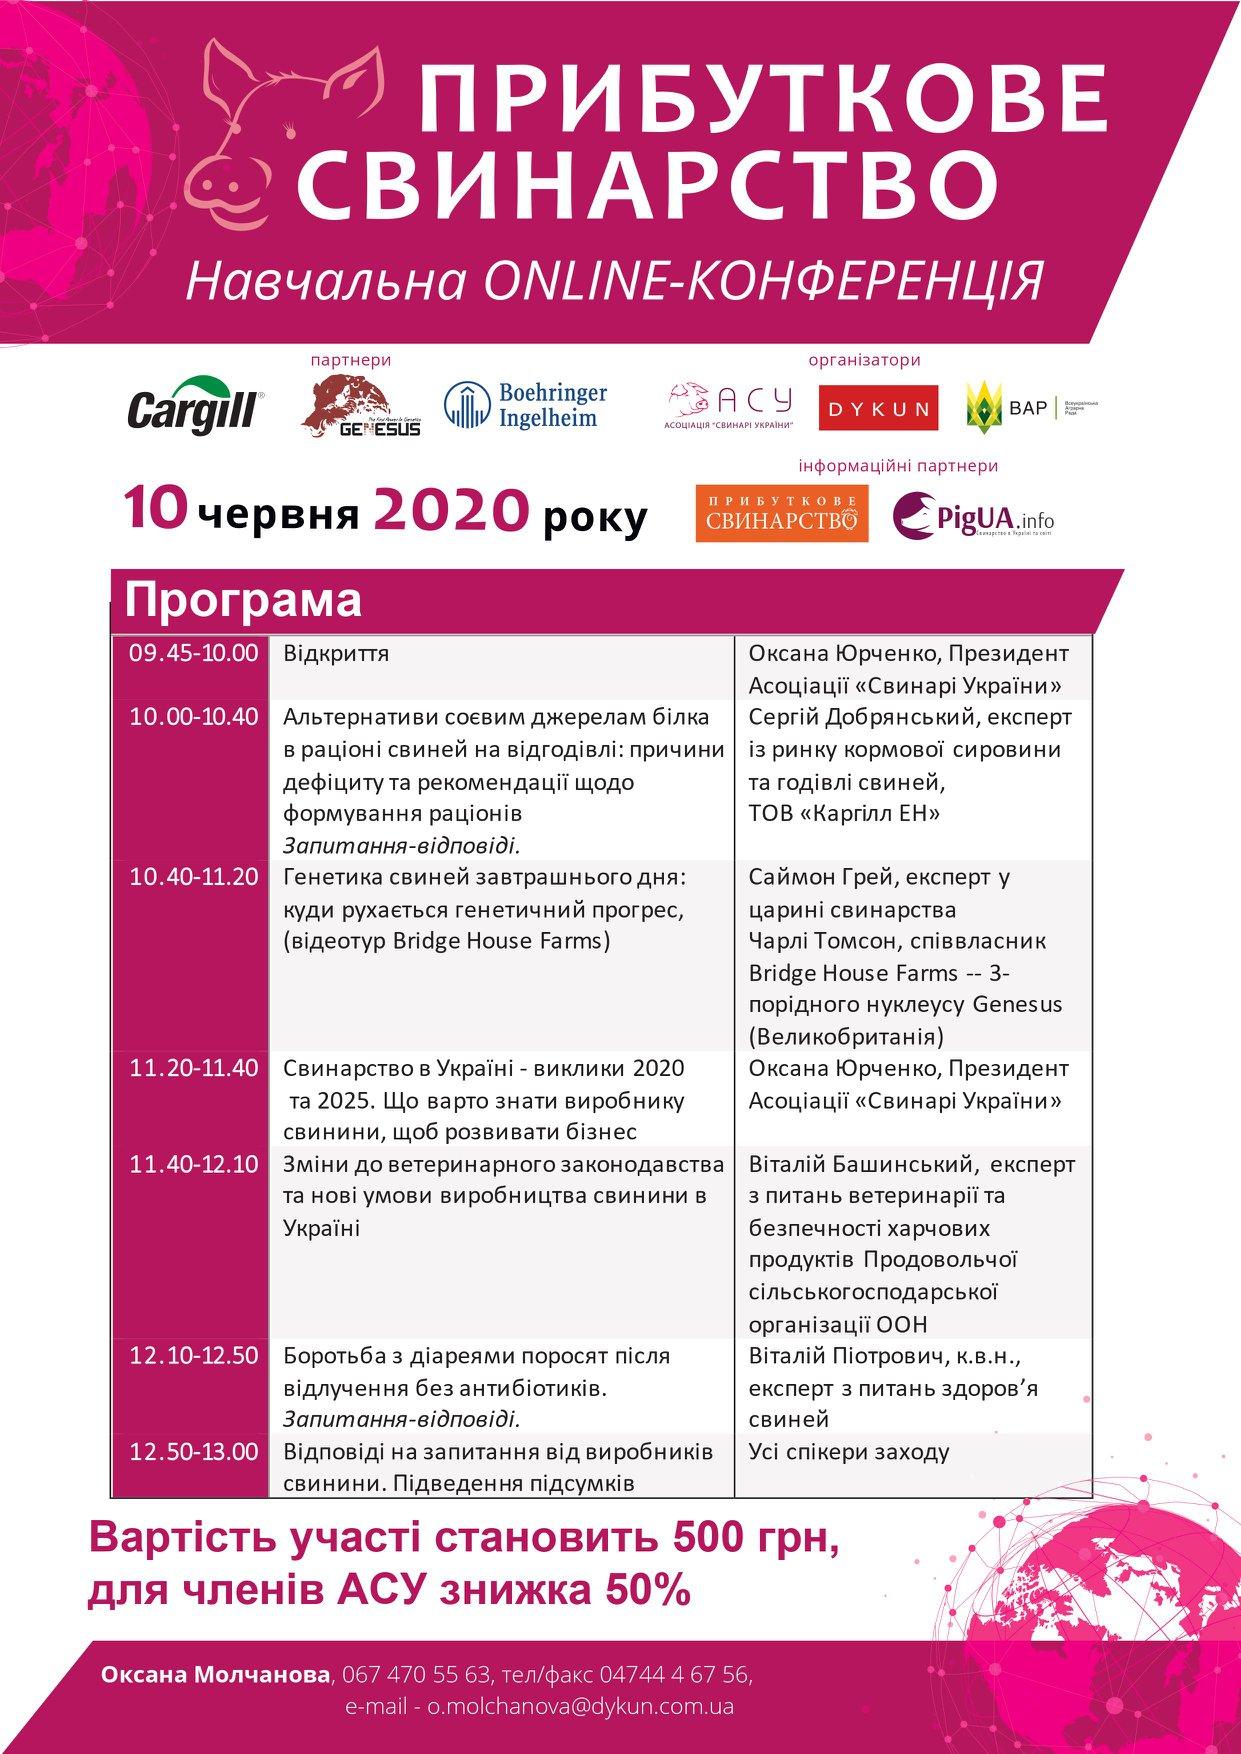 Online конференция: Прибыльное свиноводство